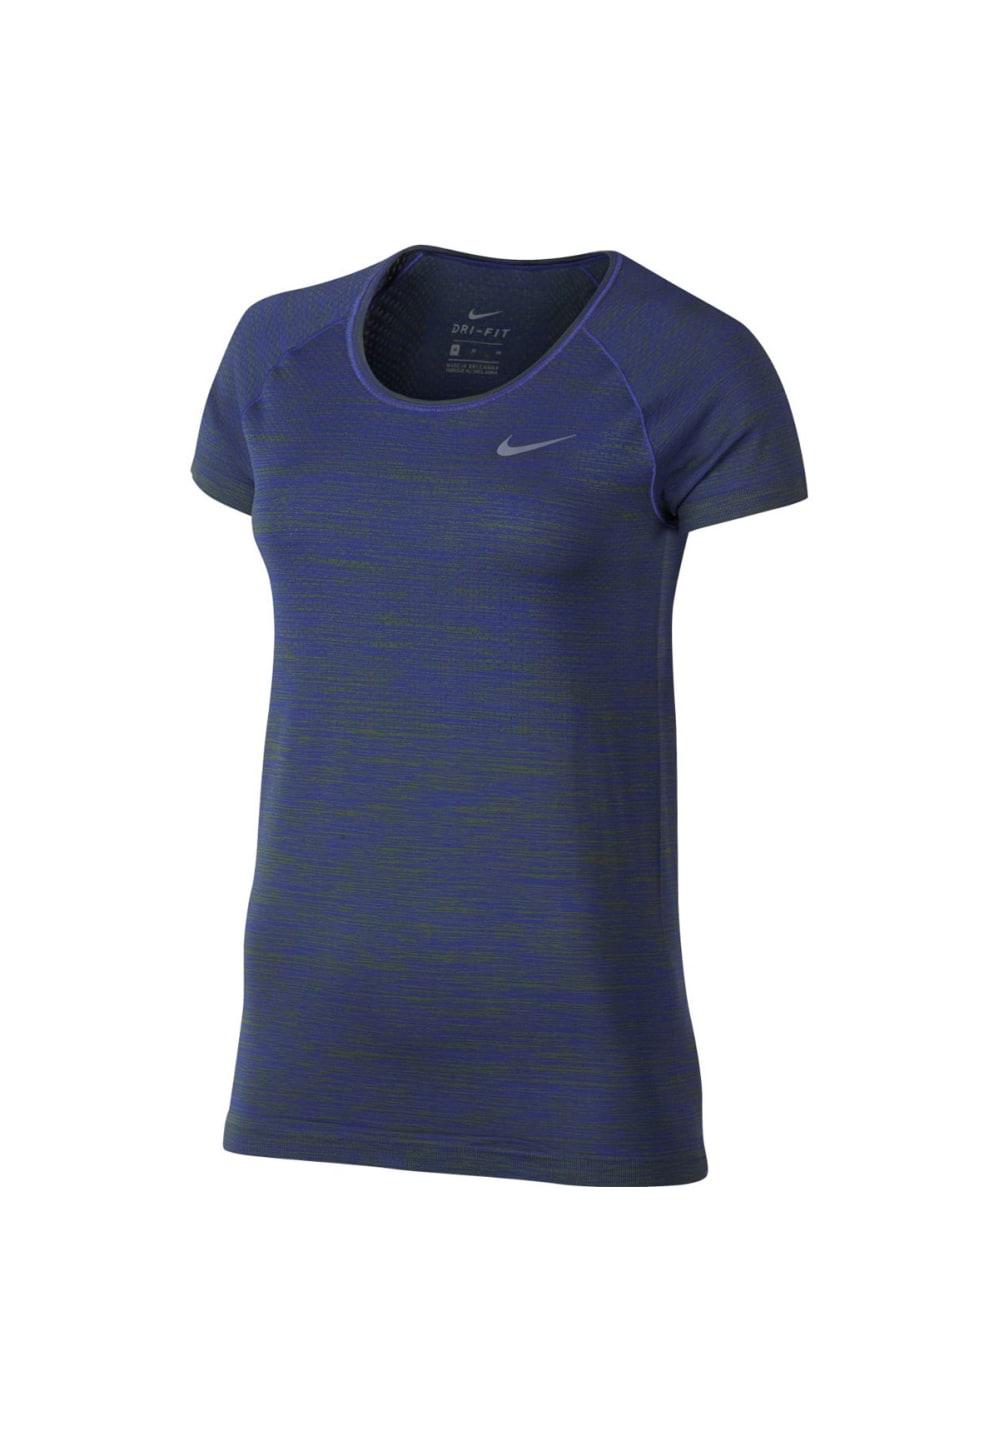 Nike Dri-Fit Knit Tee - Laufshirts für Damen - Blau, Gr. XS